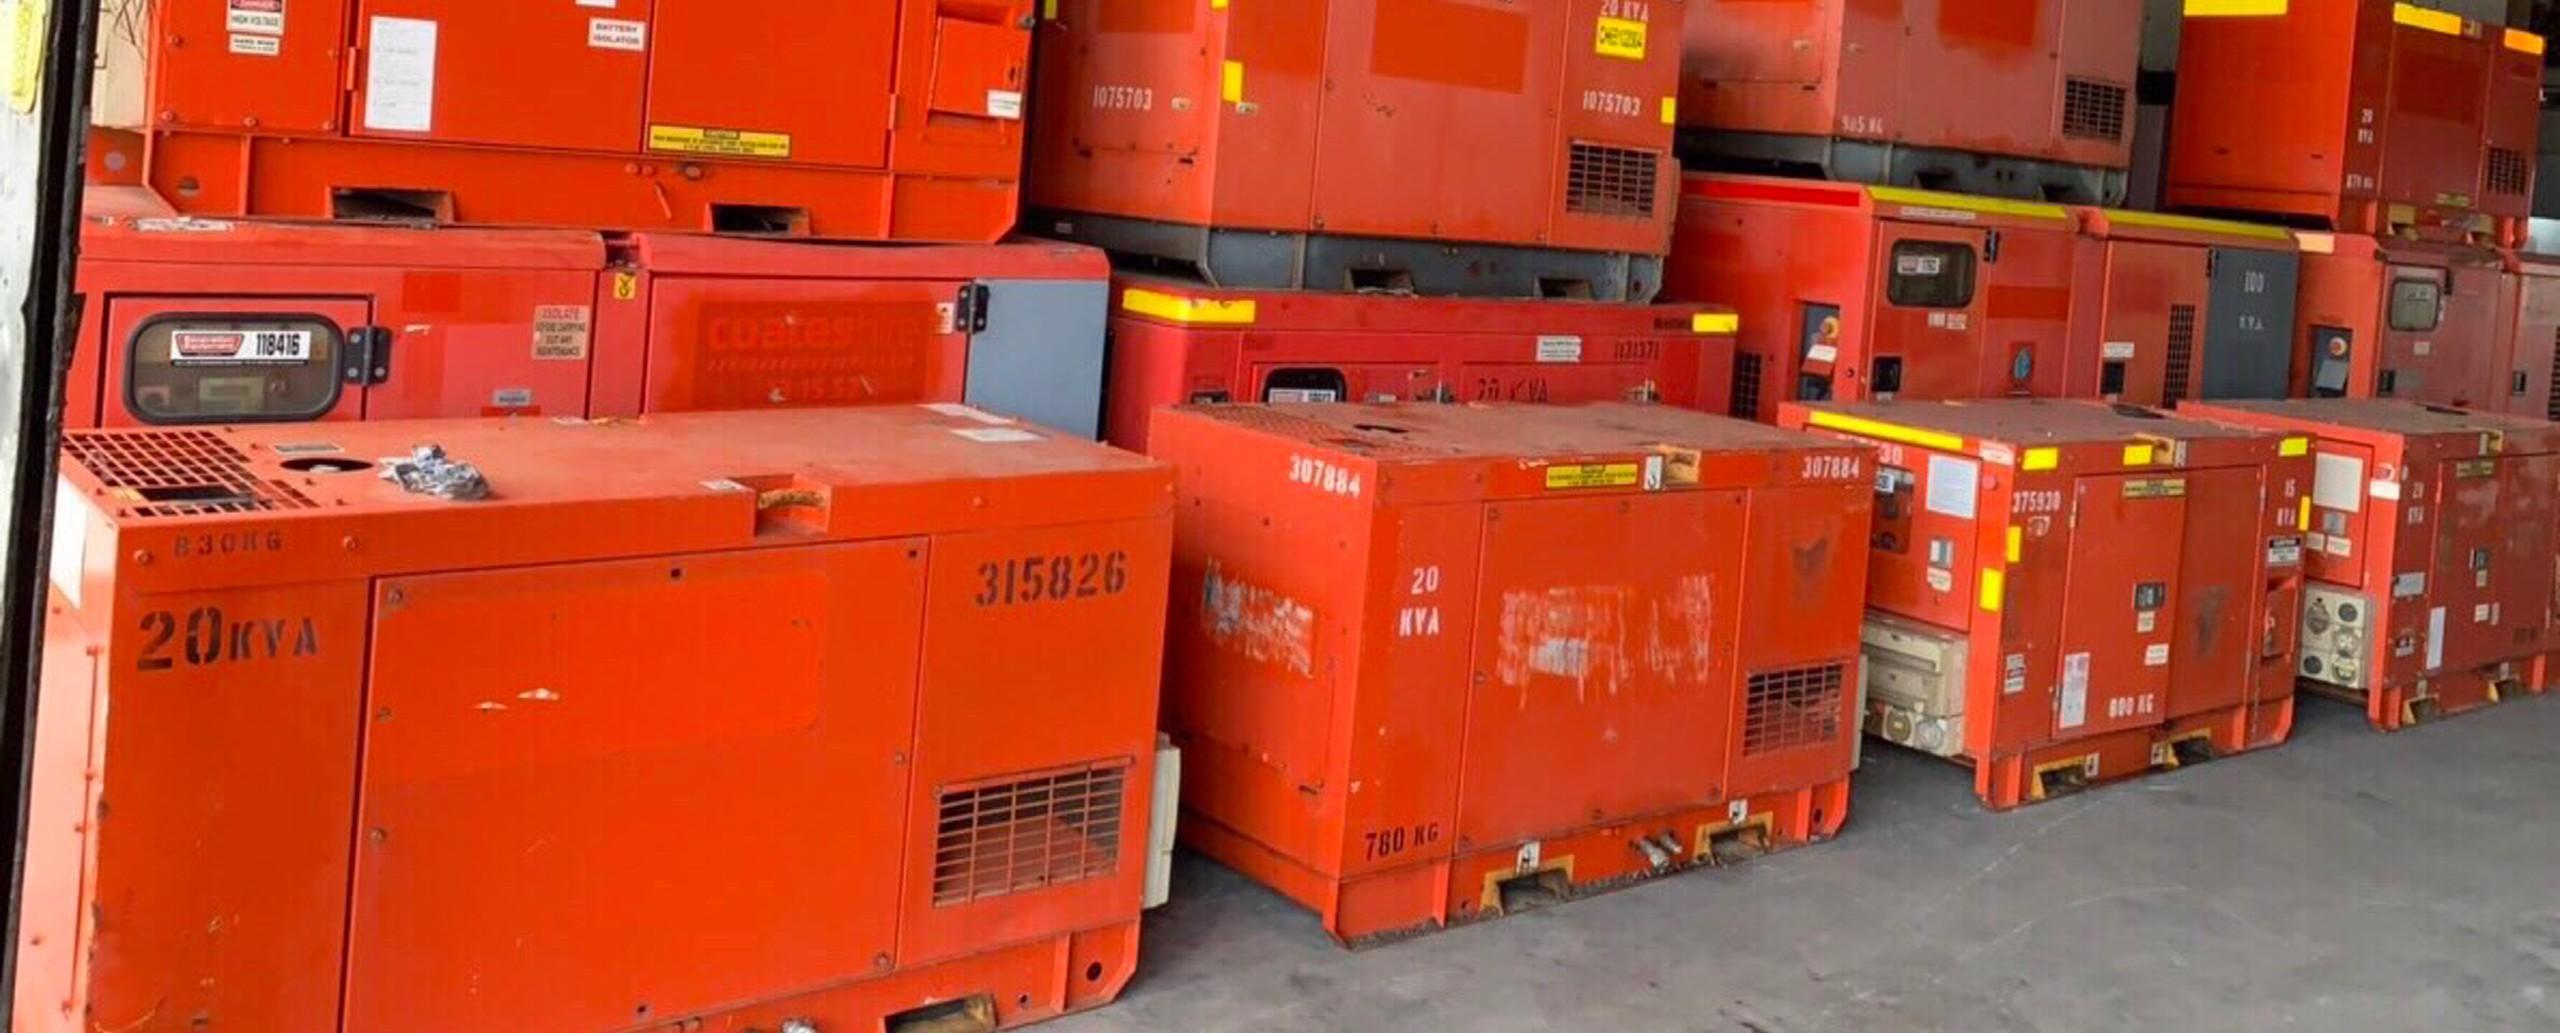 Thăm làm việc thường niên nhà máy sản xuất máy phát điện Atlas Copco